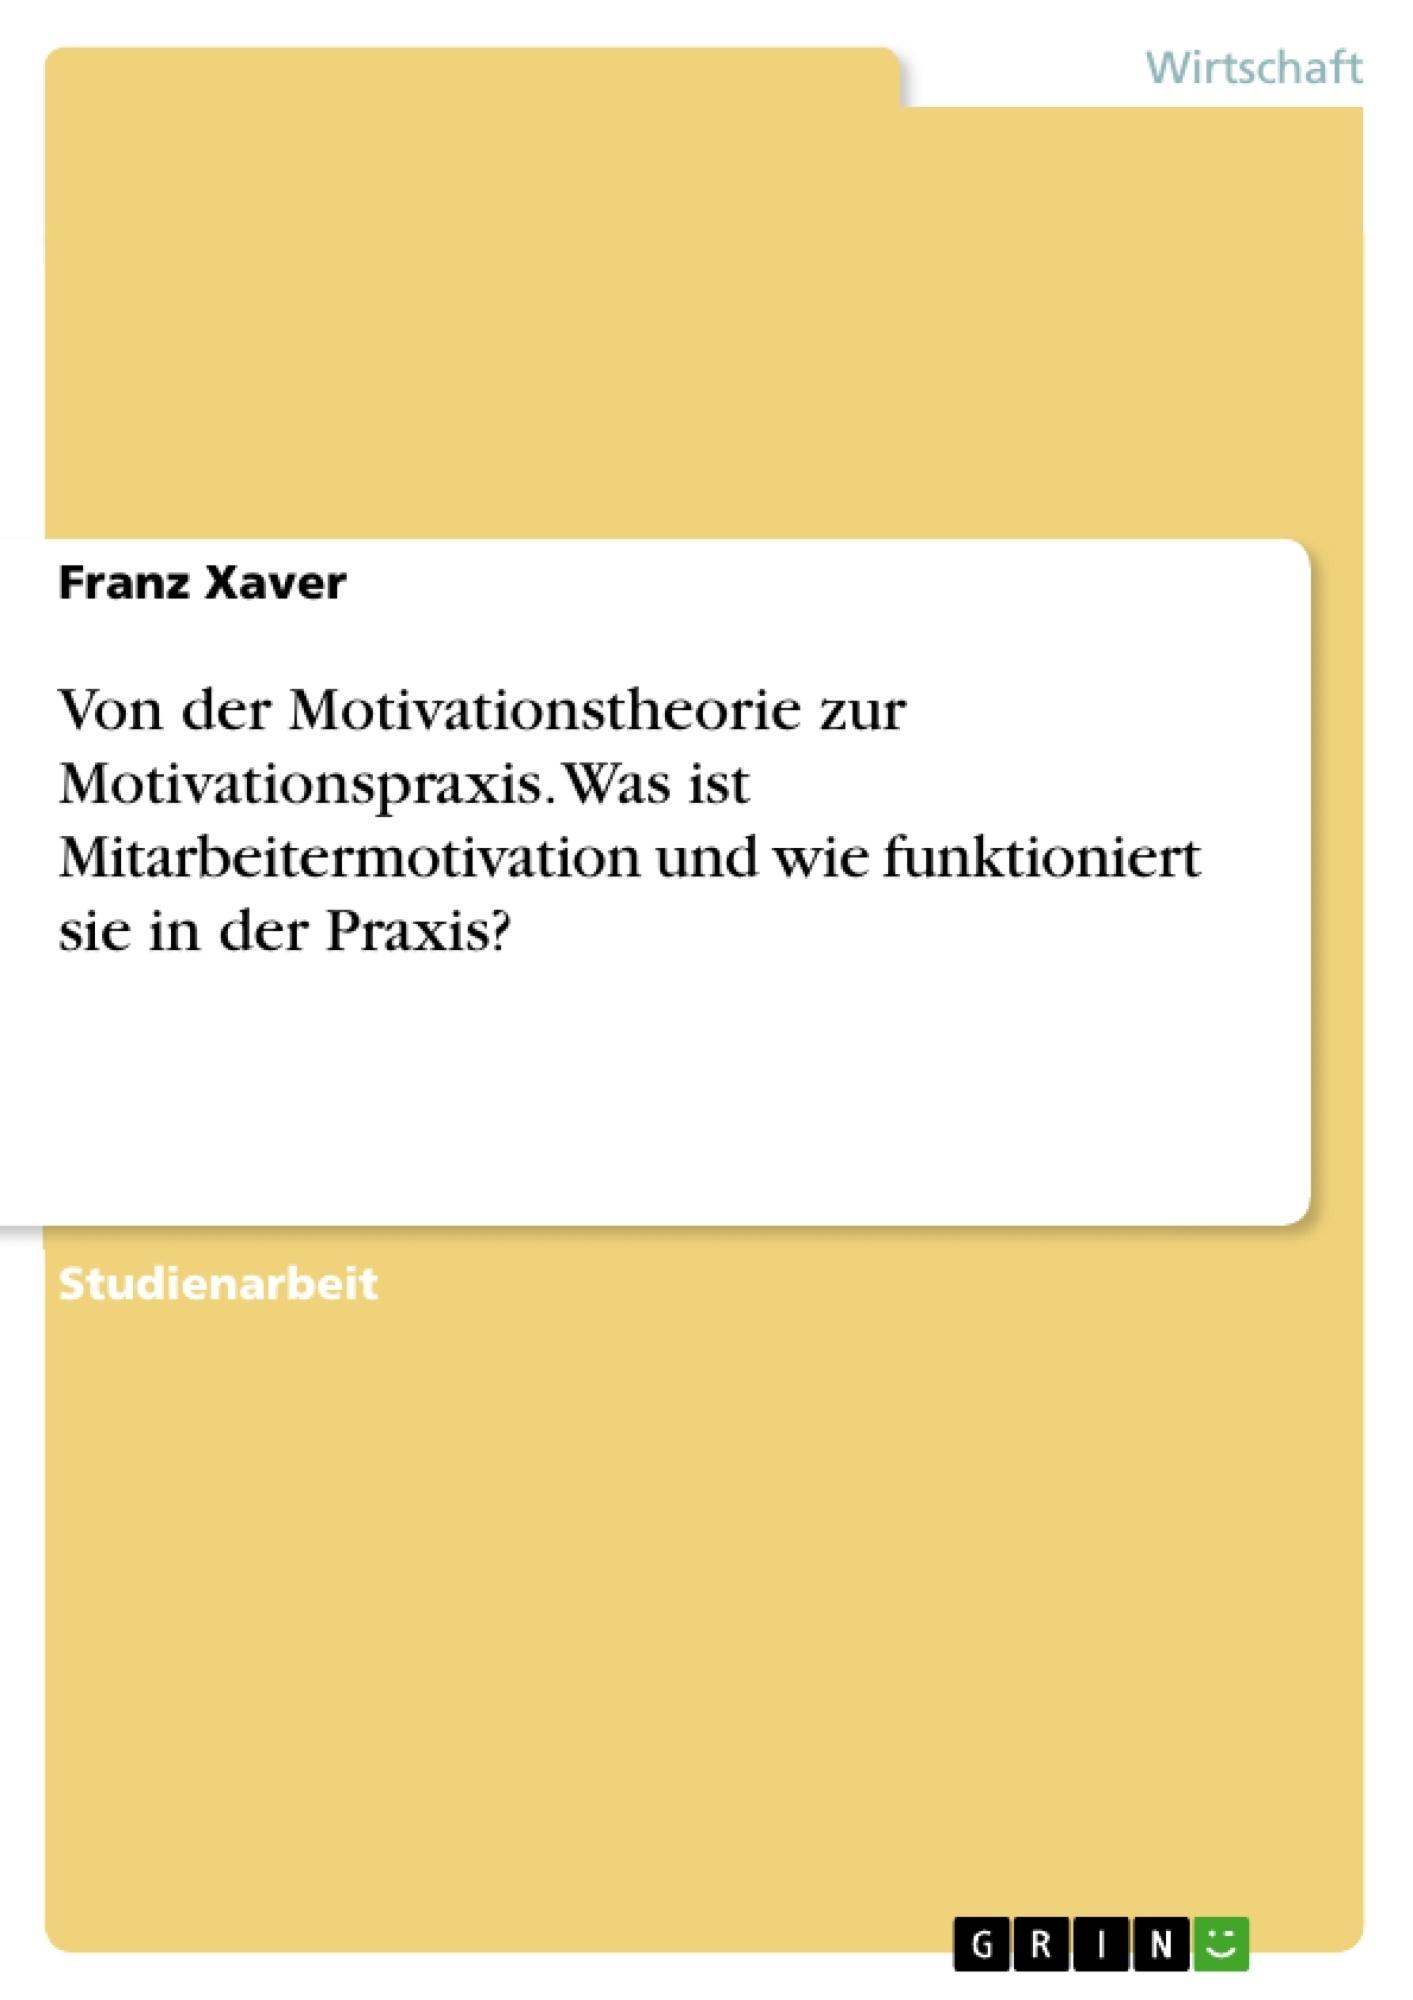 Titel: Von der Motivationstheorie zur Motivationspraxis. Was ist Mitarbeitermotivation und wie funktioniert sie in der Praxis?